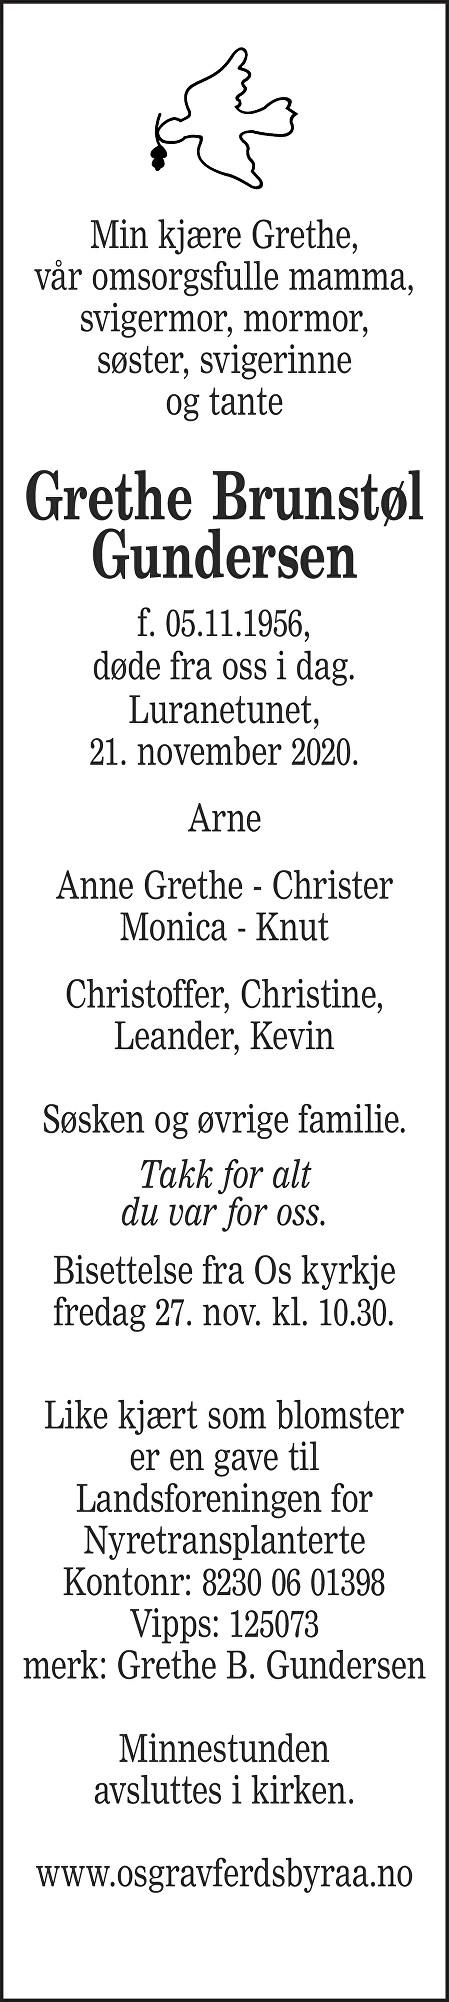 Grethe Brunstøl Gundersen Dødsannonse